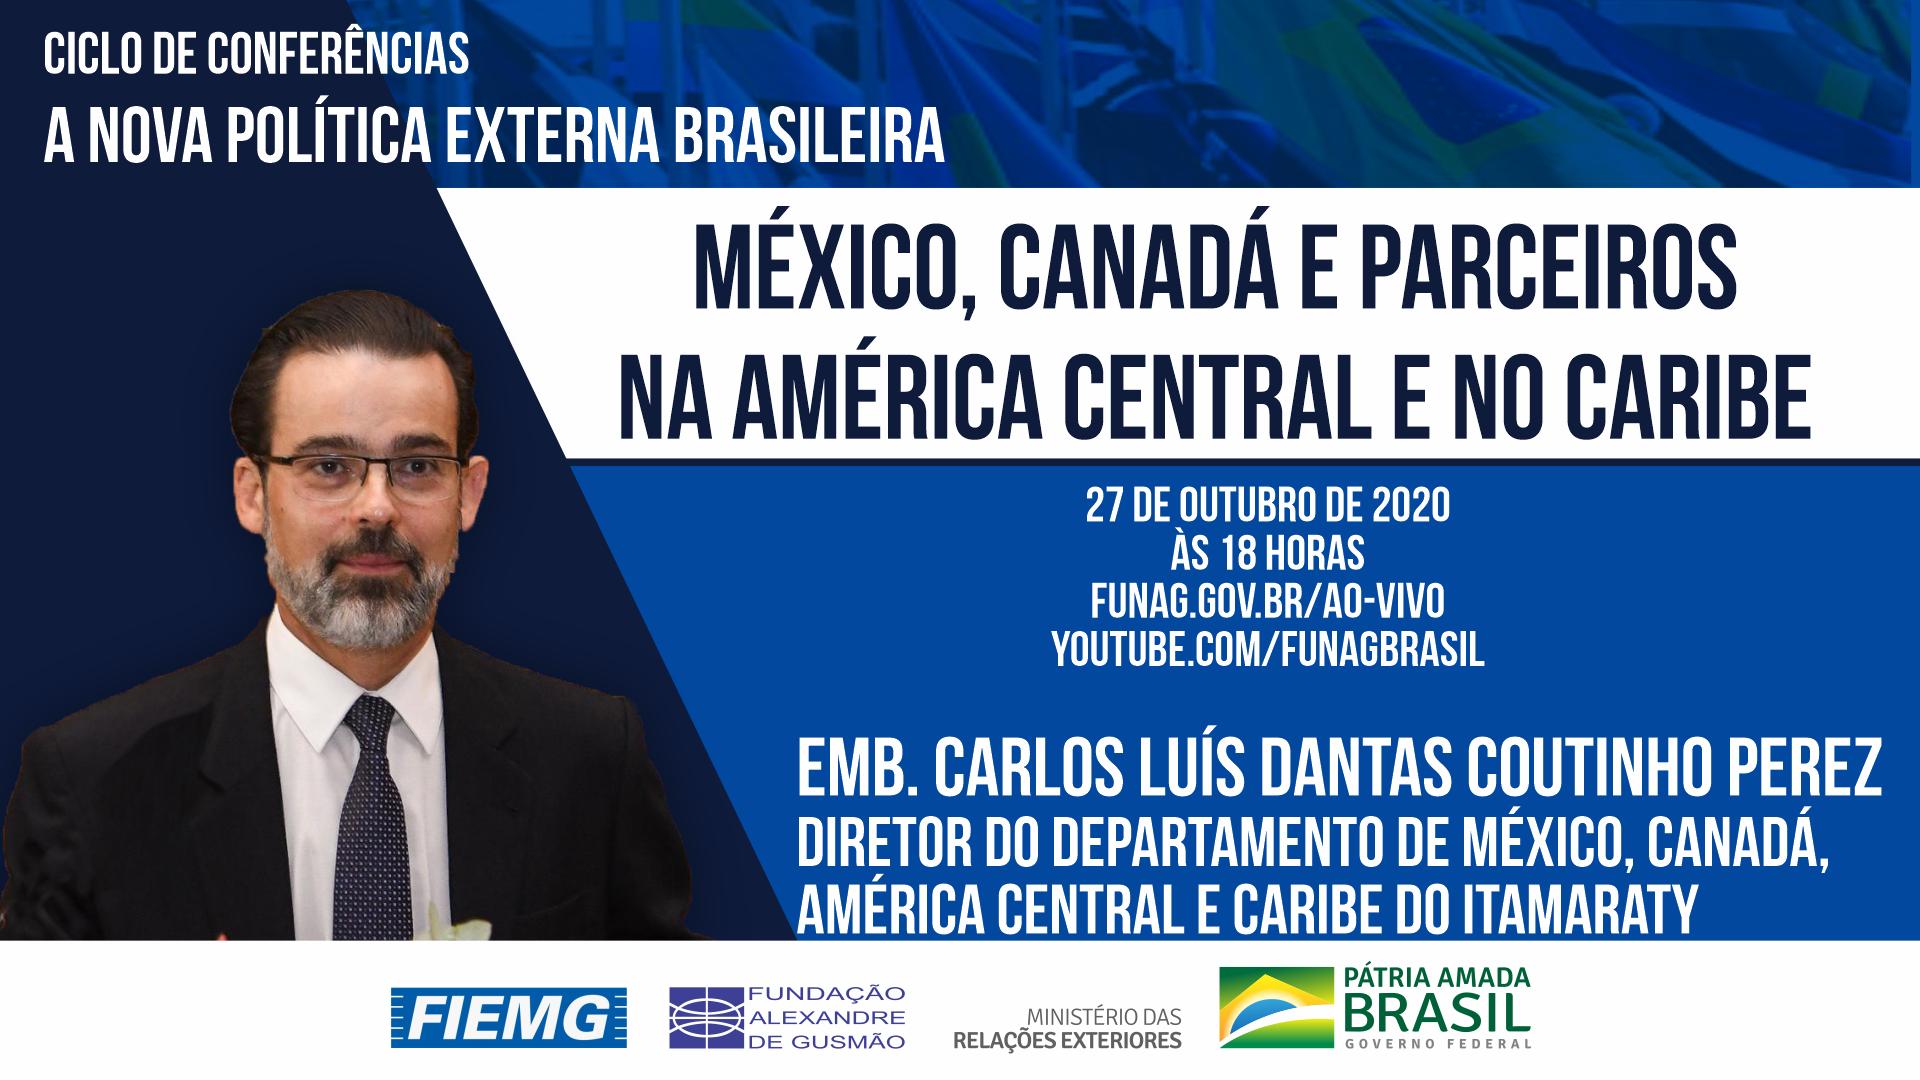 FUNAG convida para conferência do diretor do Departamento de México, Canadá, América Central e Caribe do Itamaraty